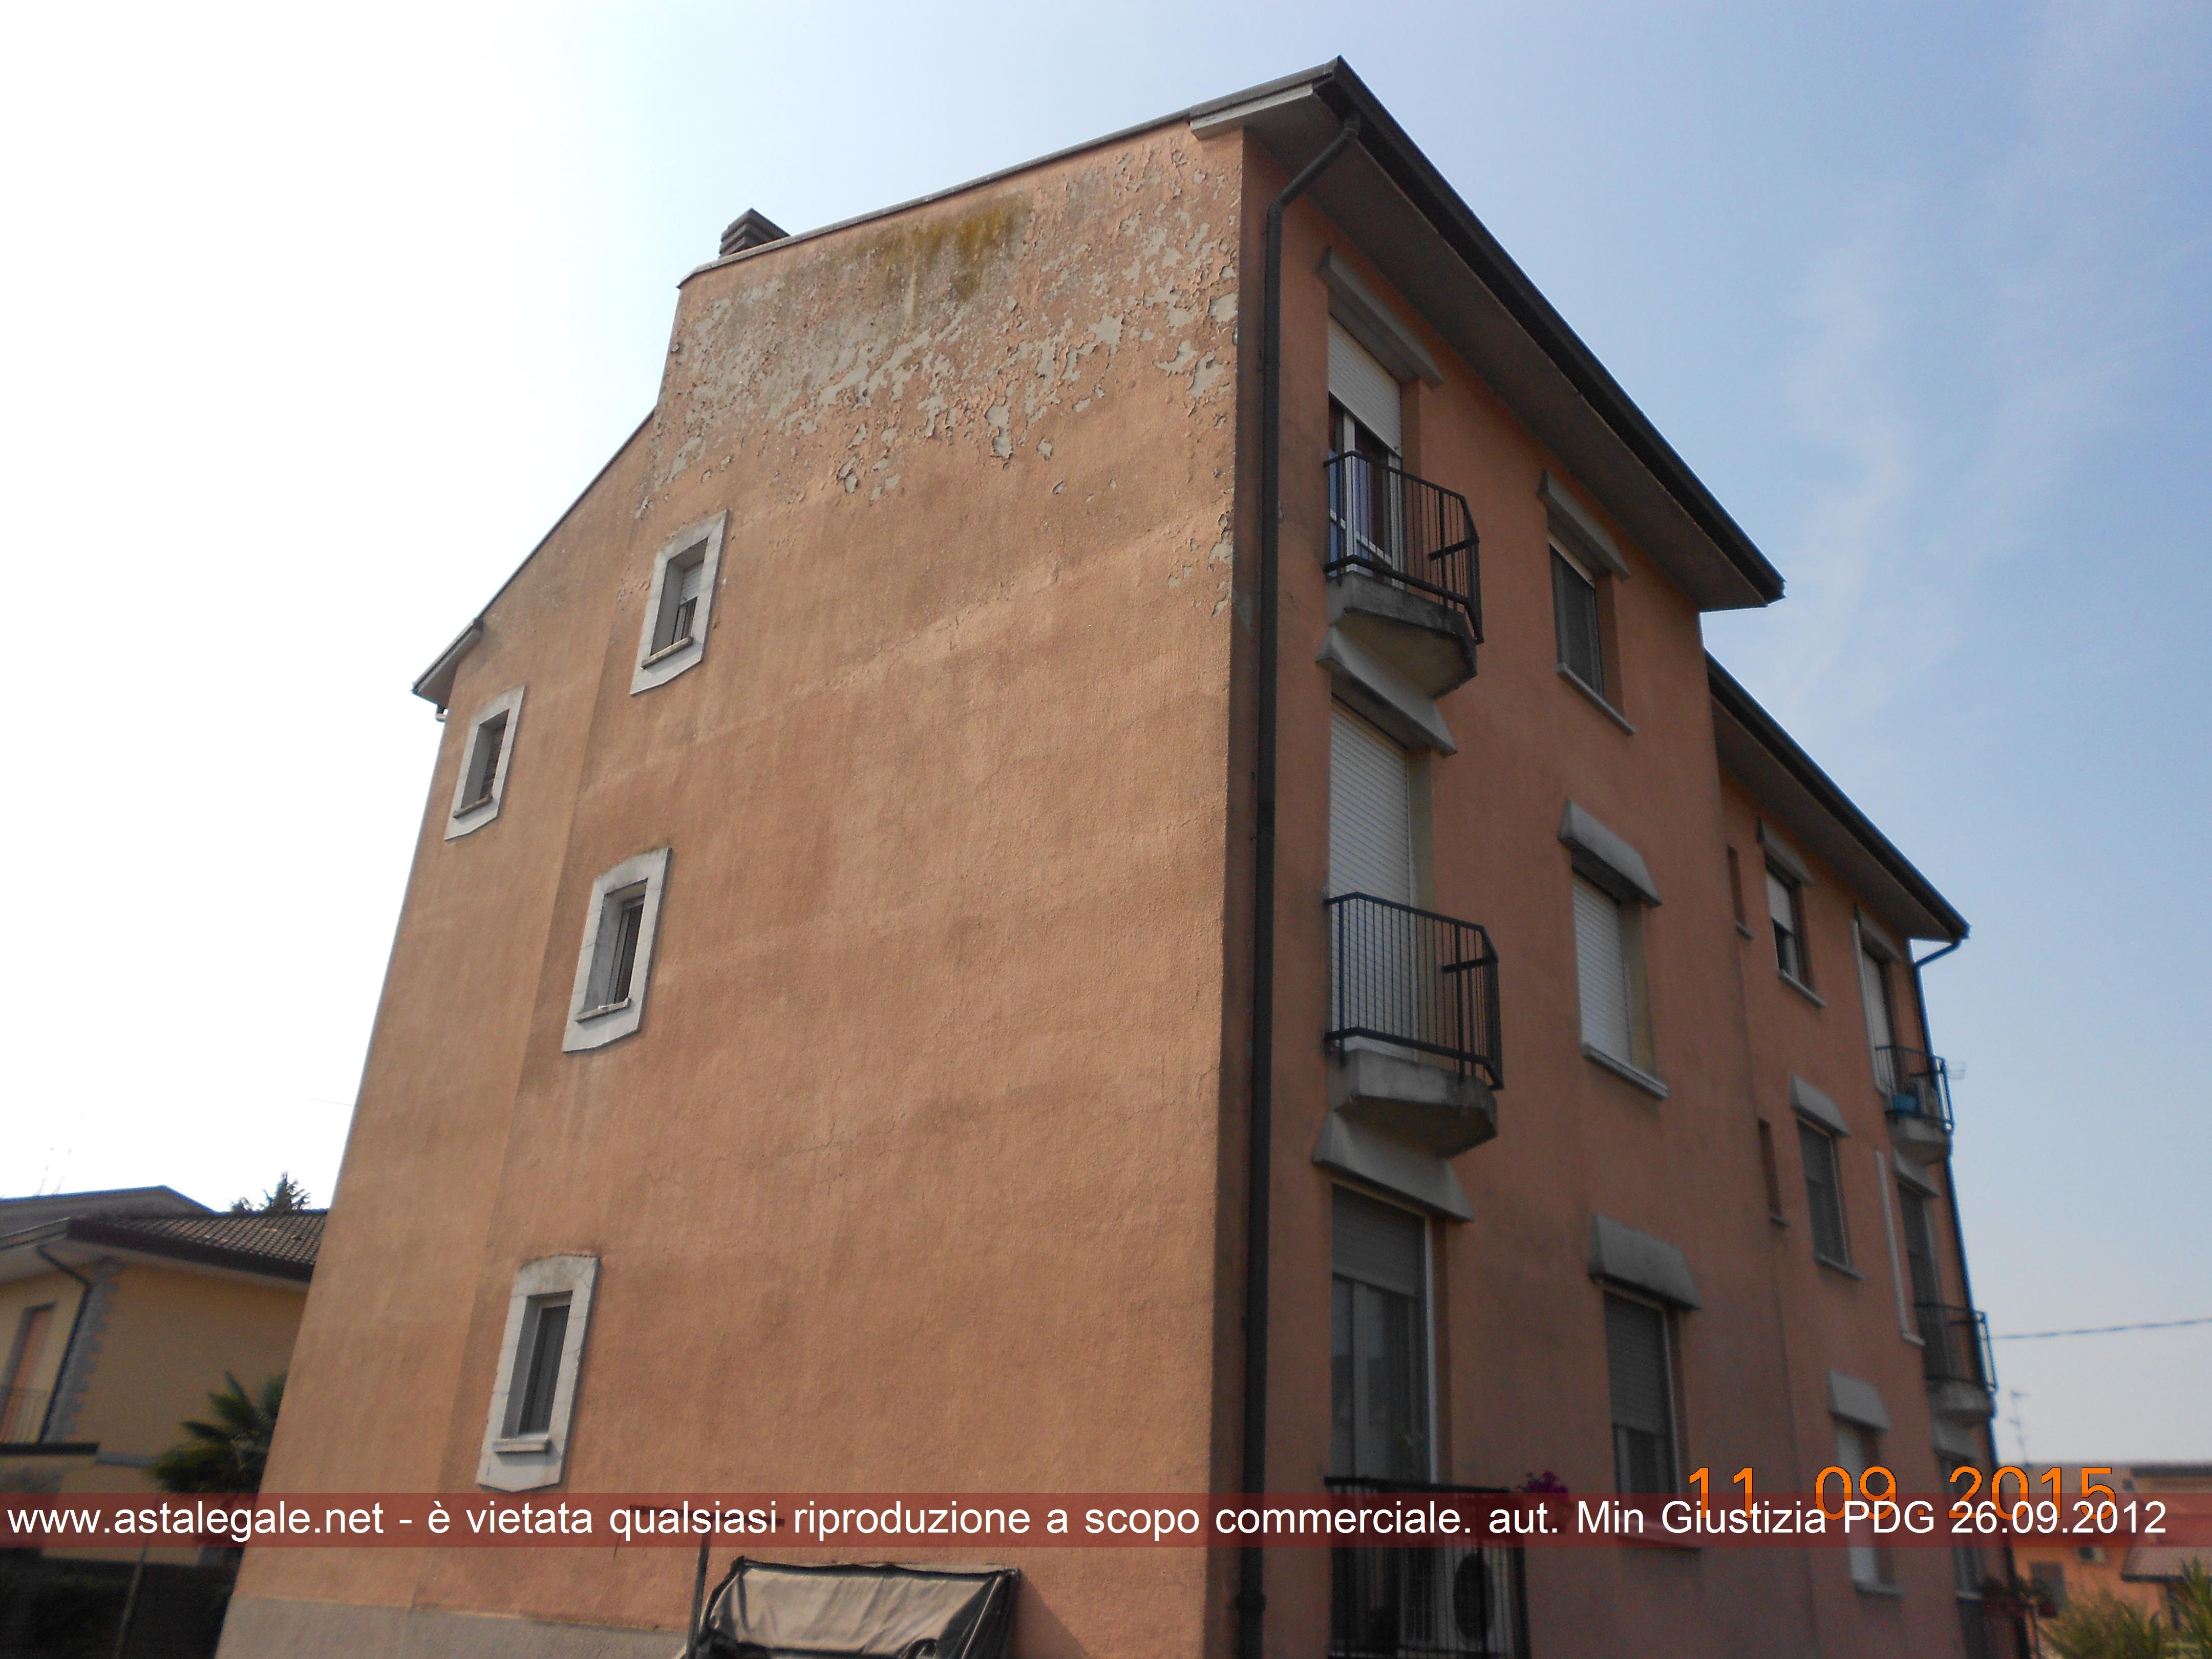 Mulazzano (LO) Via Silvio Pellico 26